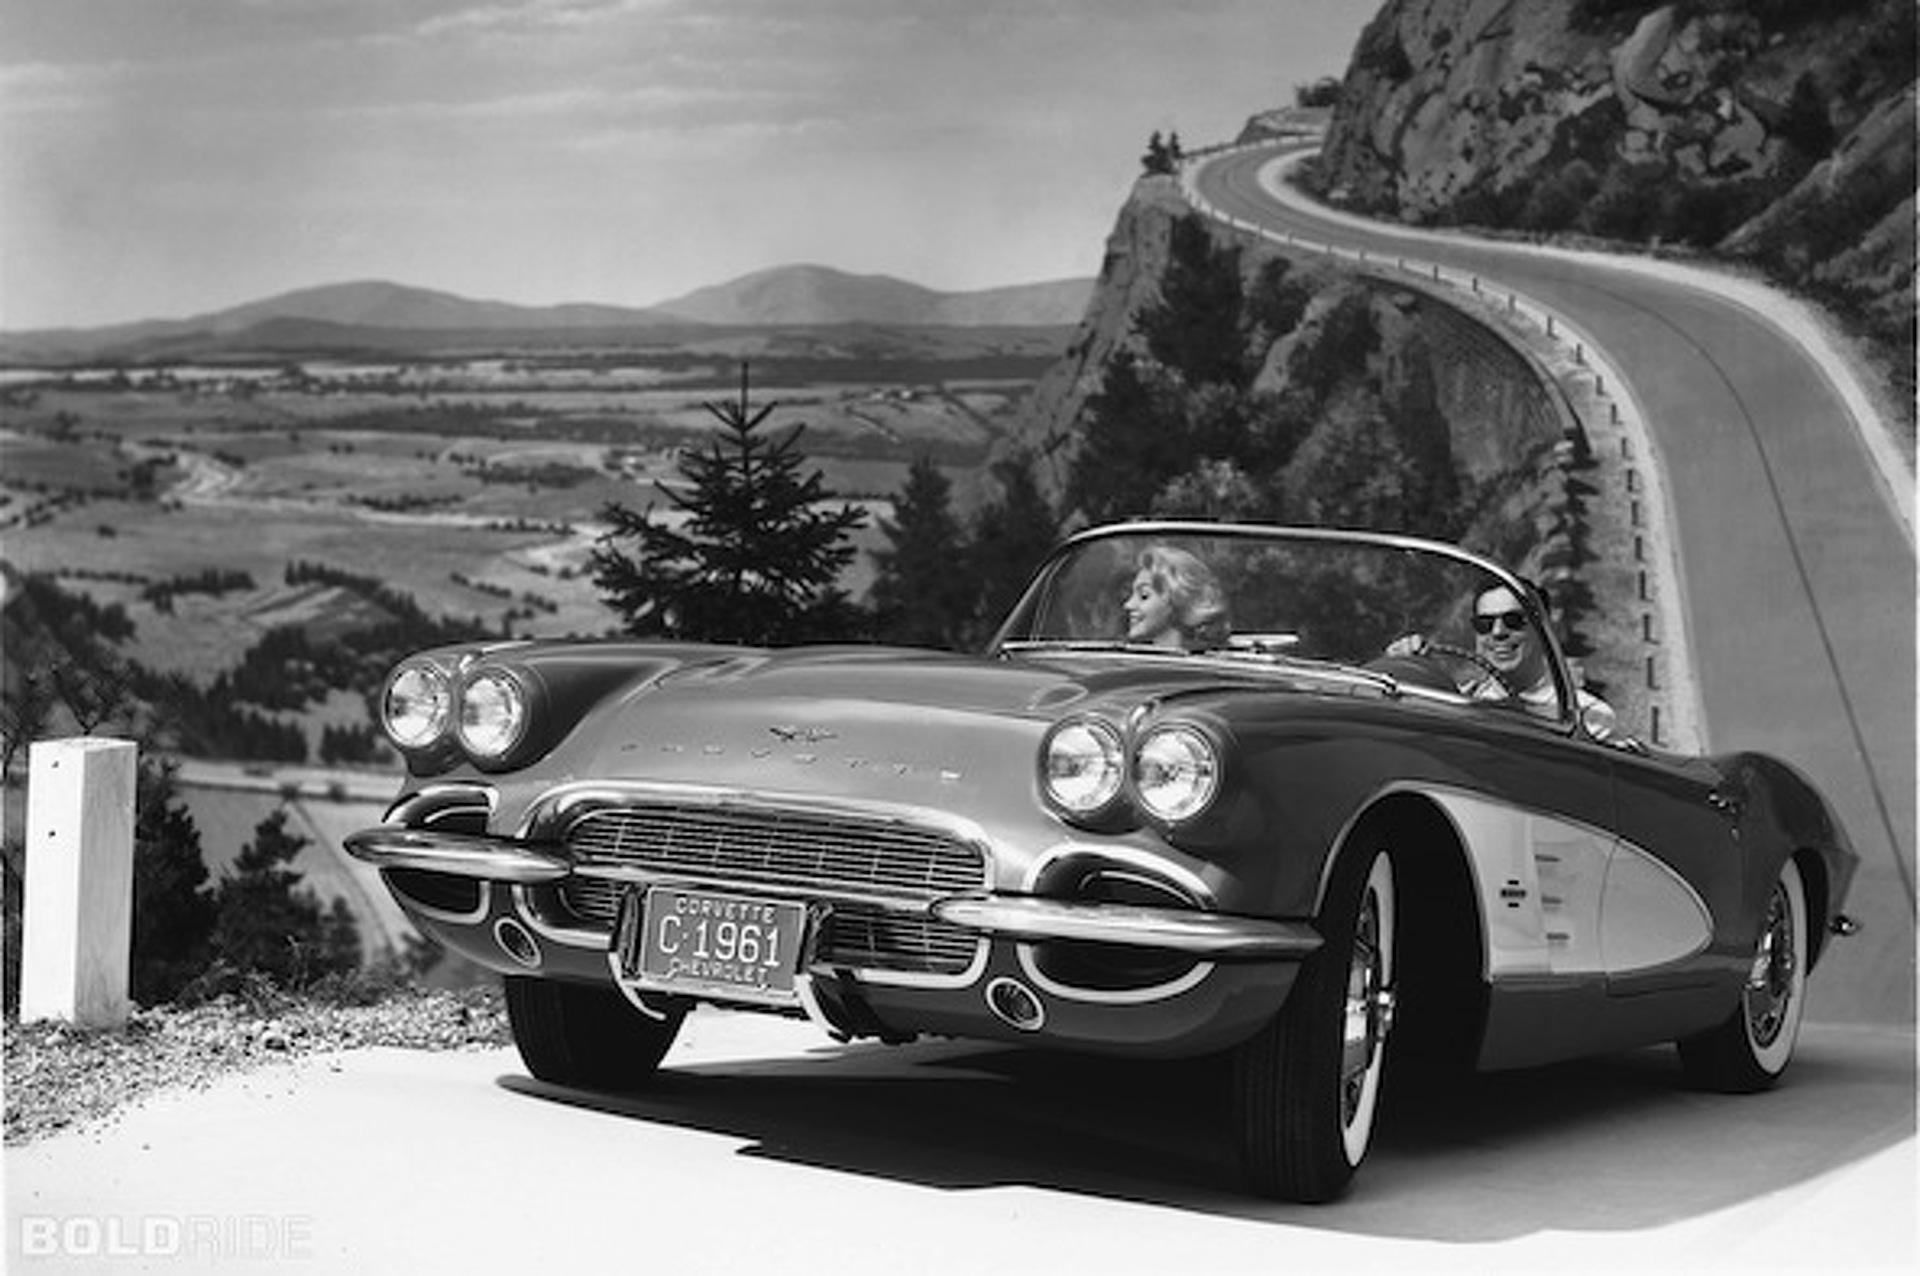 Wheels Wallpaper: 1961 Chevrolet Corvette